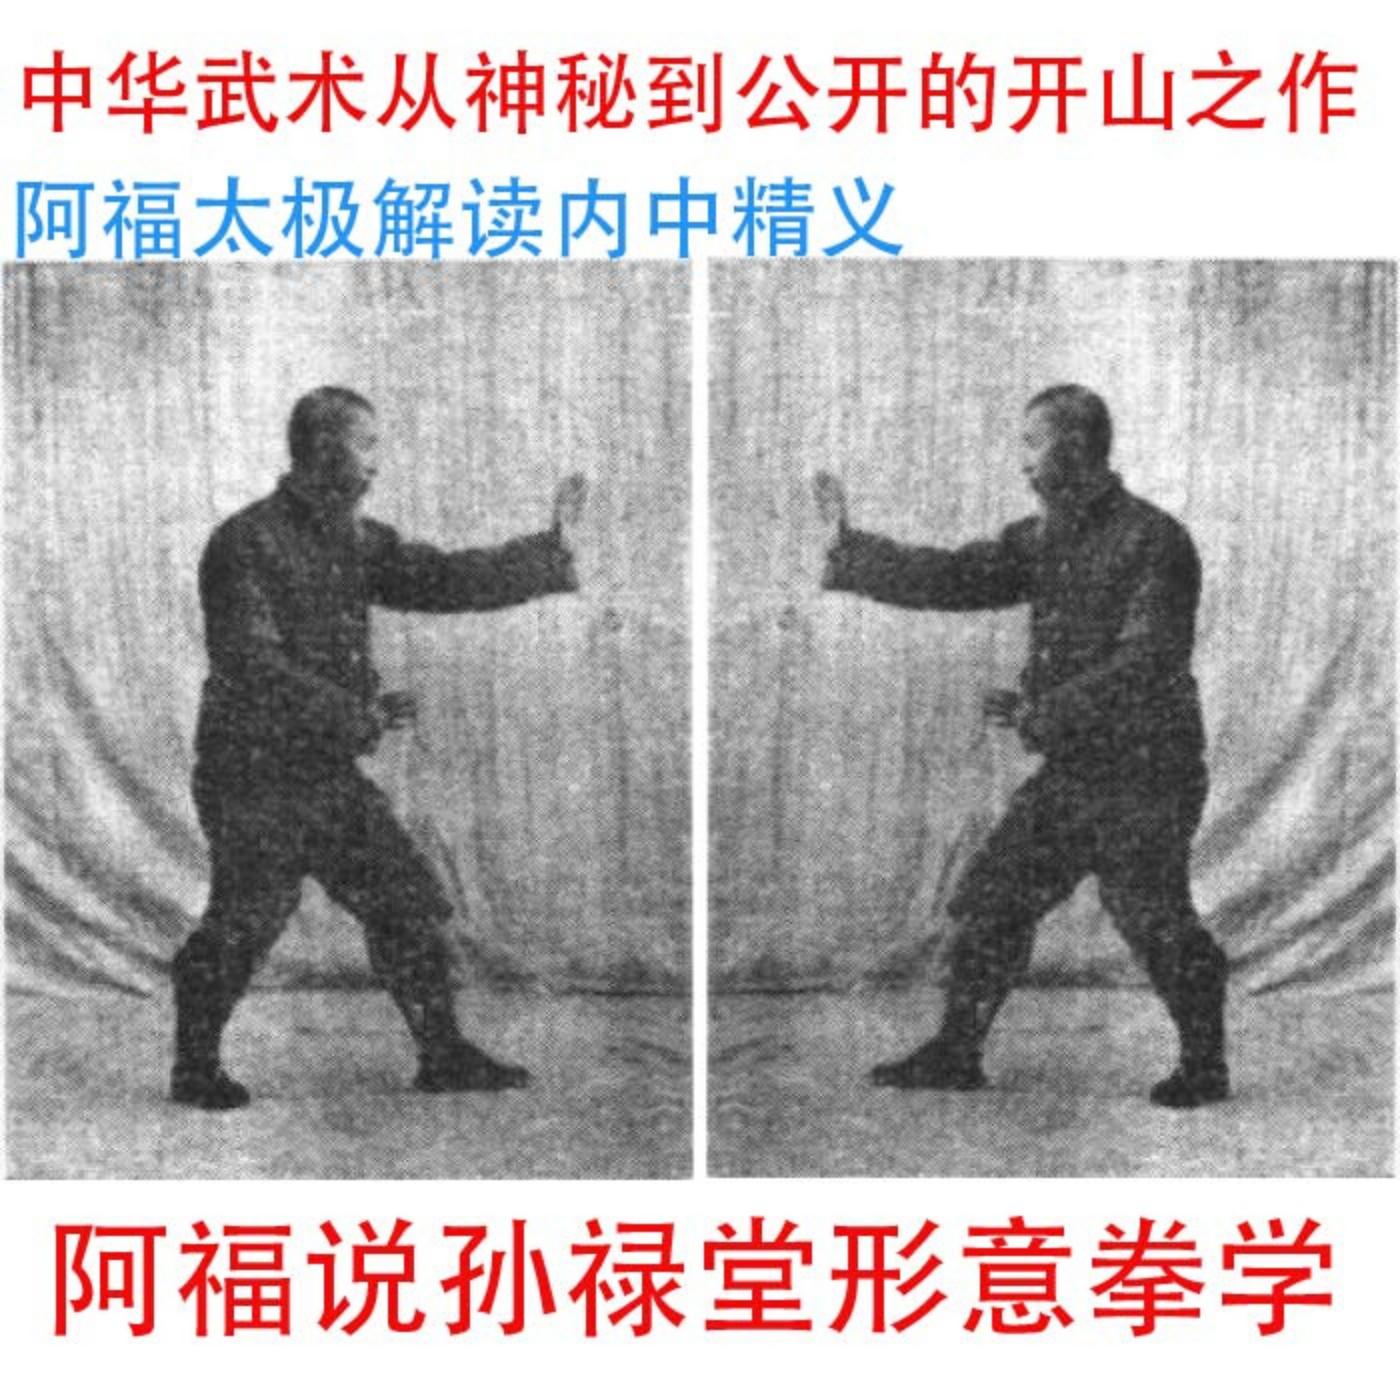 阿福解说孙禄堂形意拳学